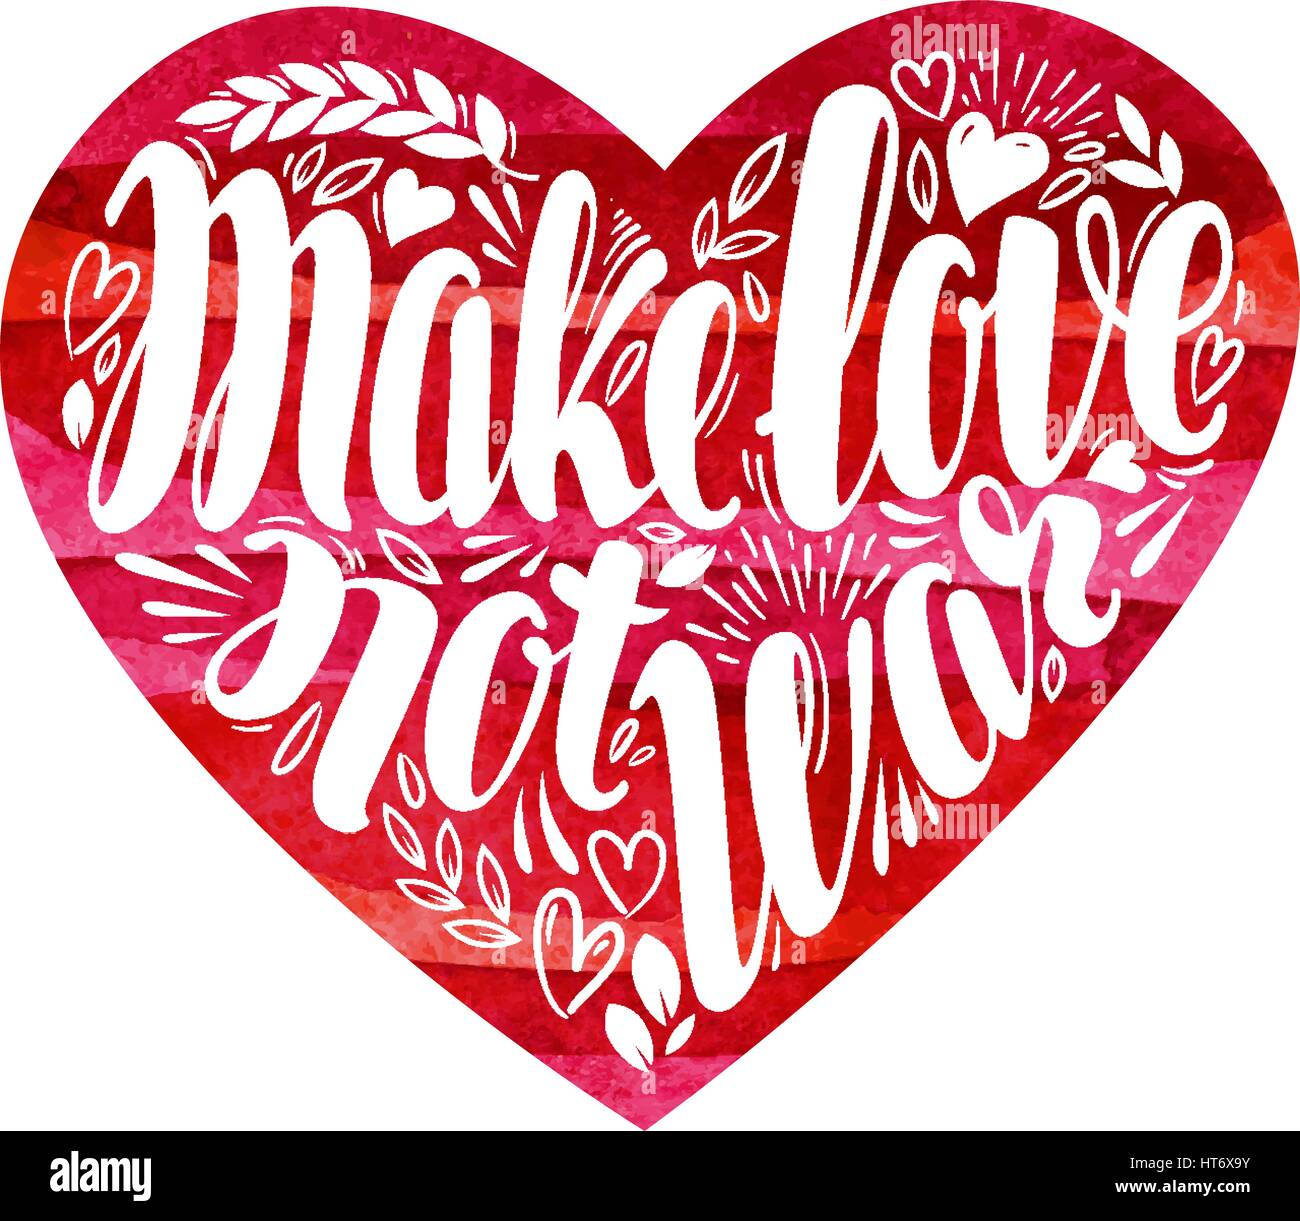 Fare l'amore non la guerra, etichetta. Lettering decorativo, calligrafia in forma di cuore. Hippie, il pacifismo Immagini Stock